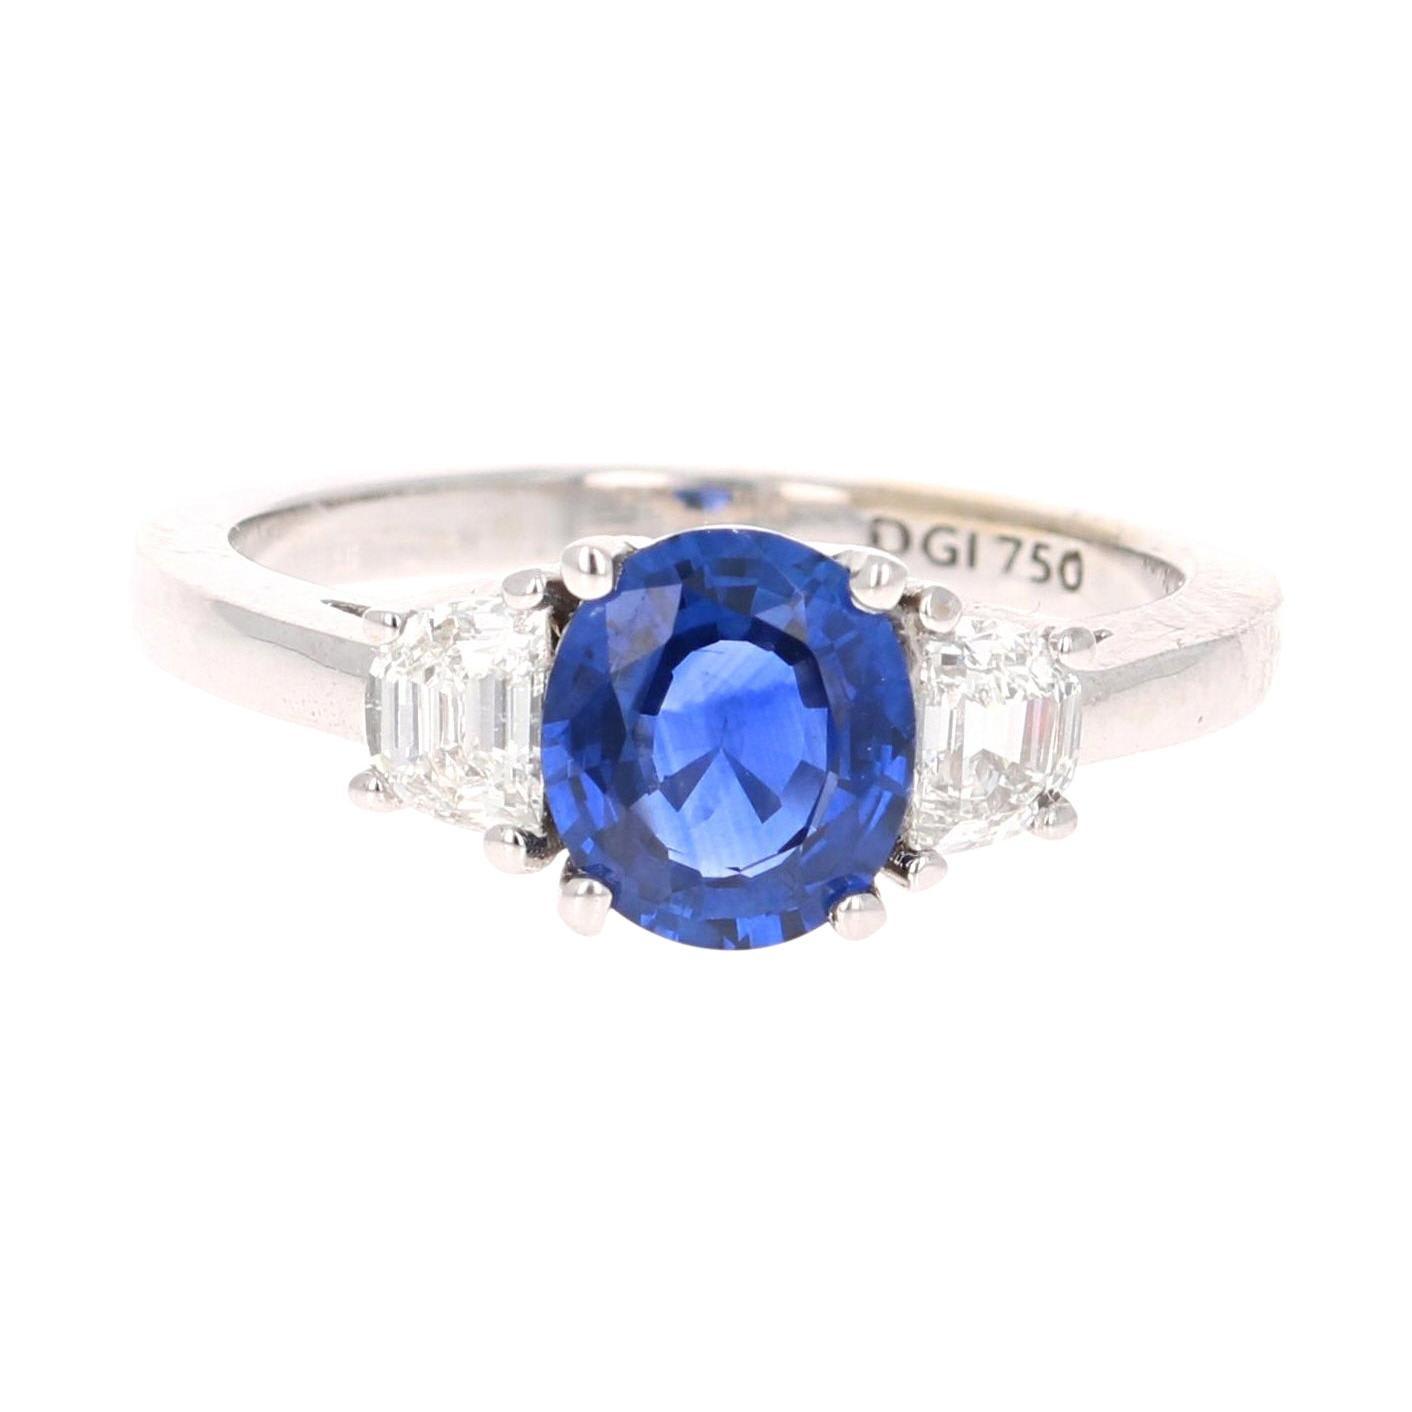 2.09 Carat GIA Certified Sapphire Diamond 18 Karat White Gold Engagement Ring